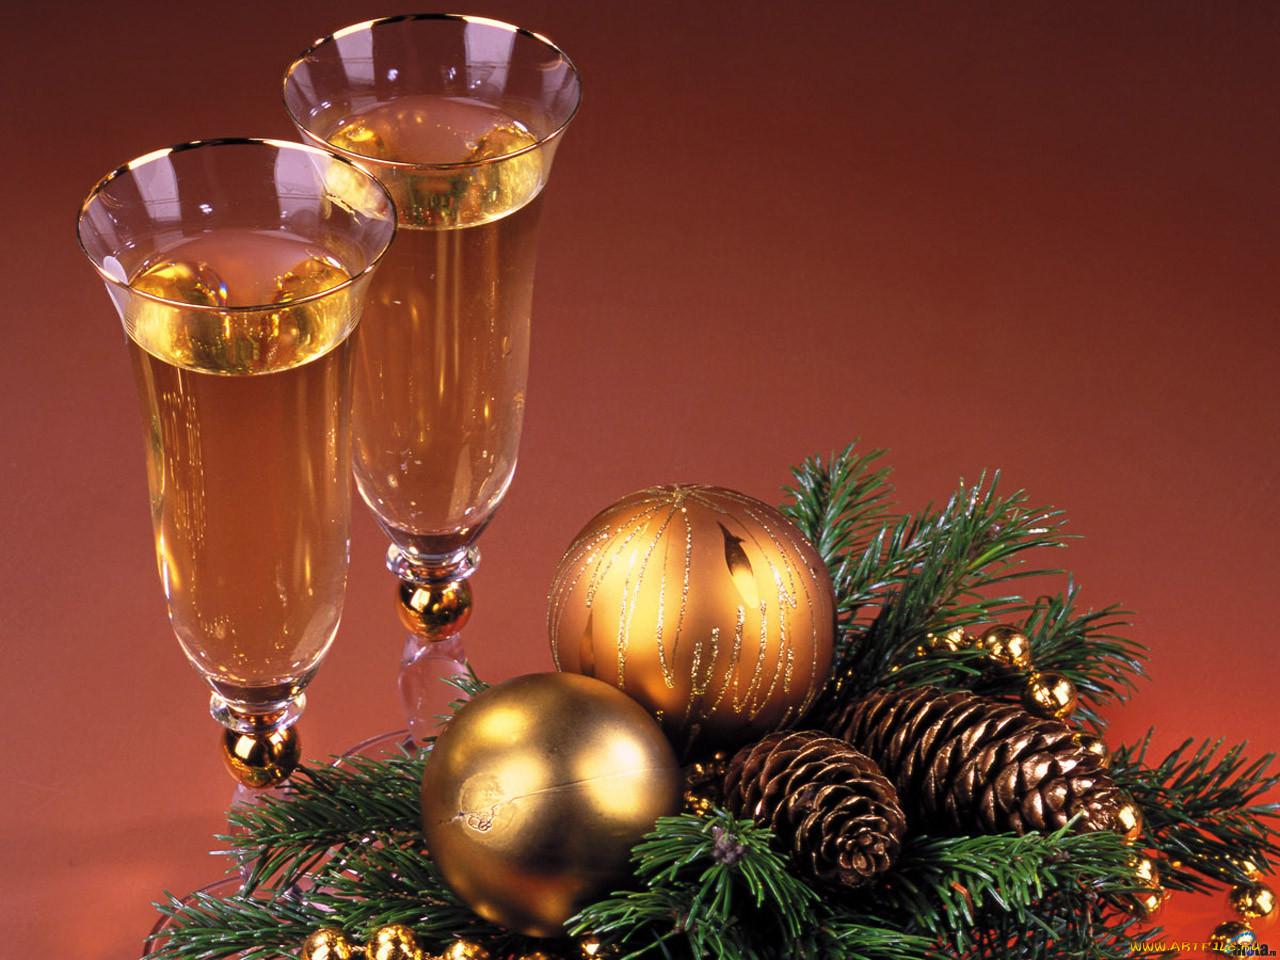 вот готов, новогодние поздравления за столом новогодних открыток дарит